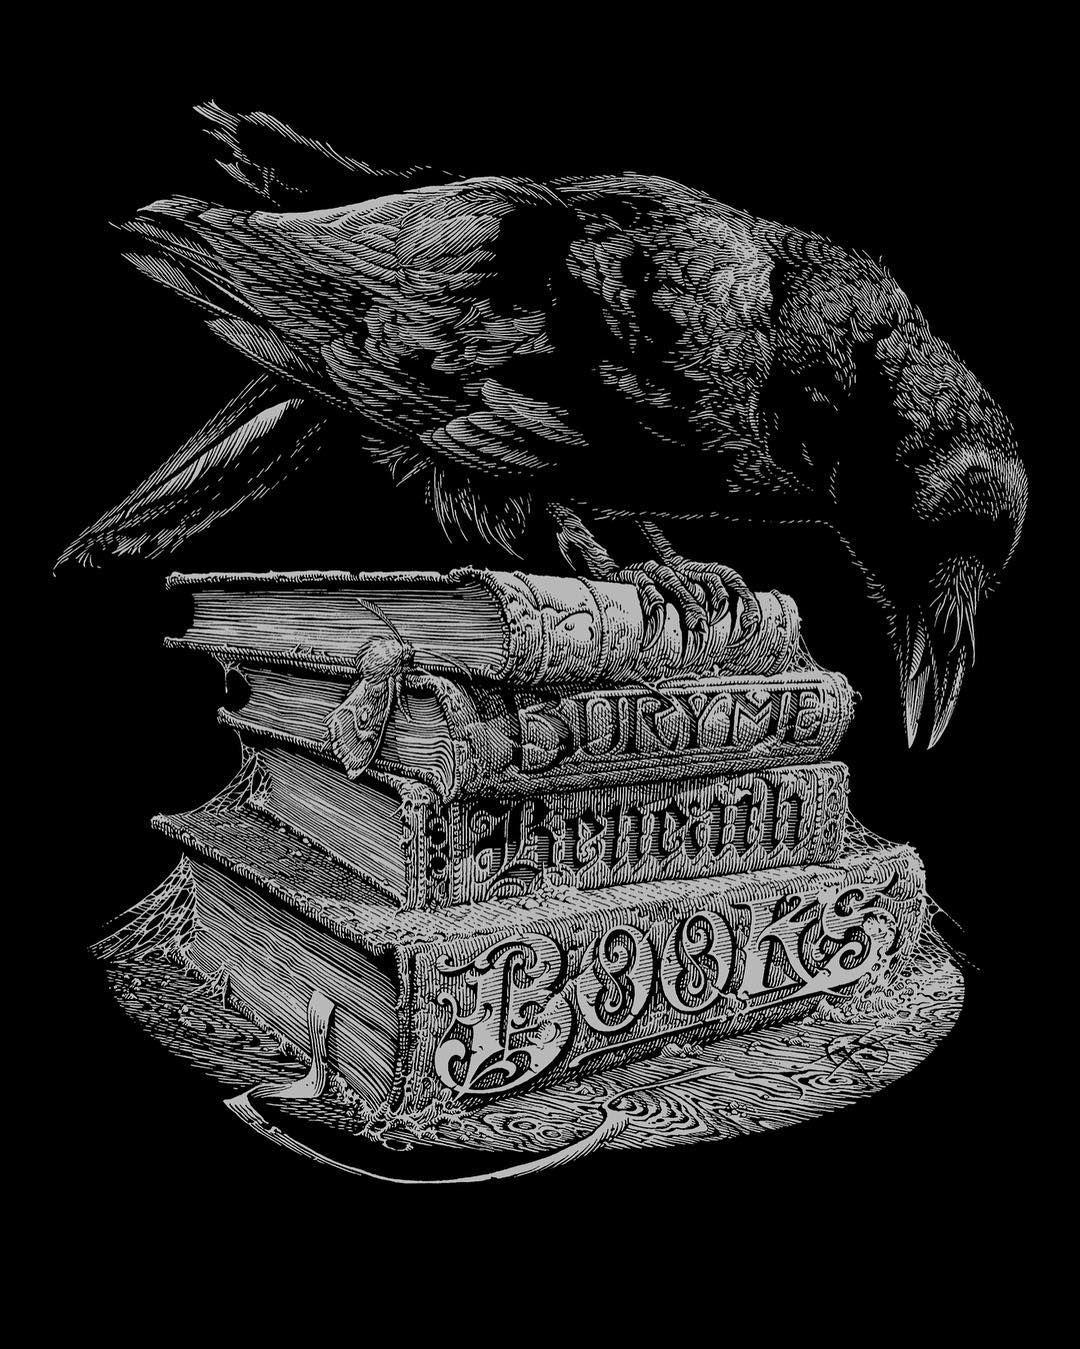 Word. Aaron Horkey In 2019 Raven Art Gouache Ink